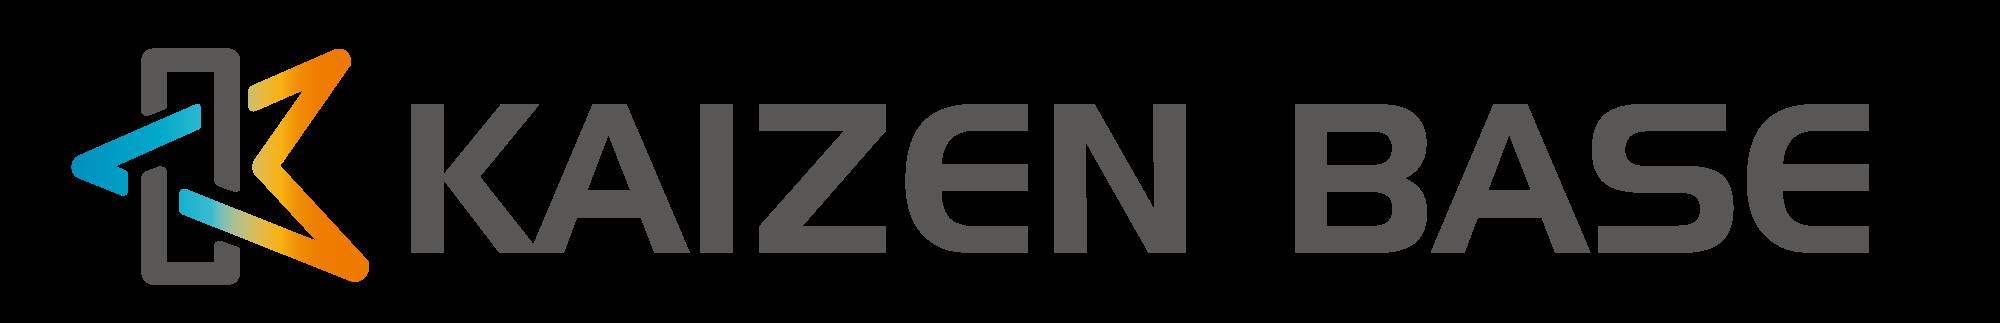 KAIZEN BASE, Inc.